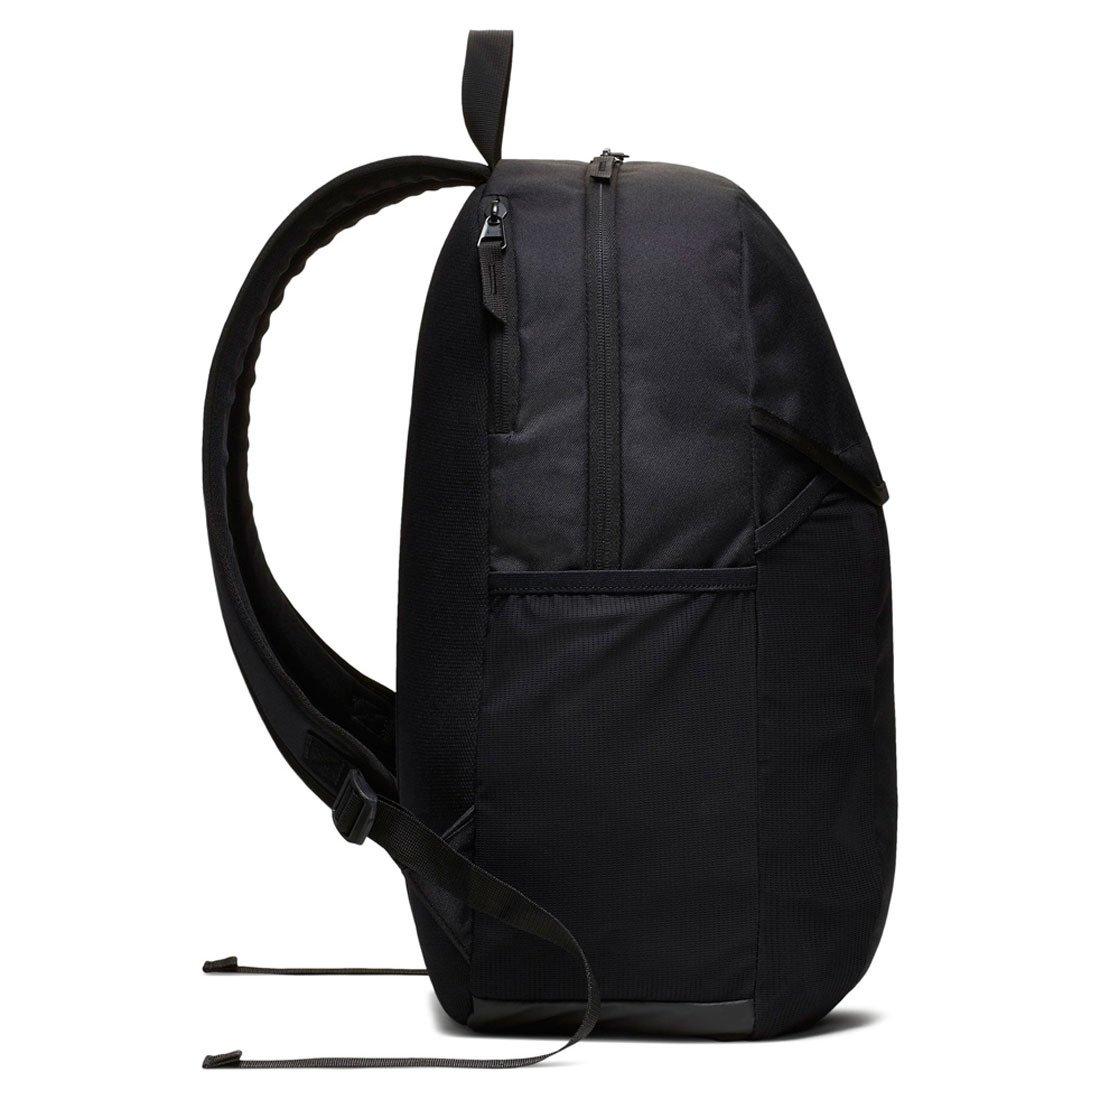 2ff3fa4be32f4 ... Czarny plecak szkolny Nike Academy Team BA5501-010 Kliknij, aby  powiększyć ...